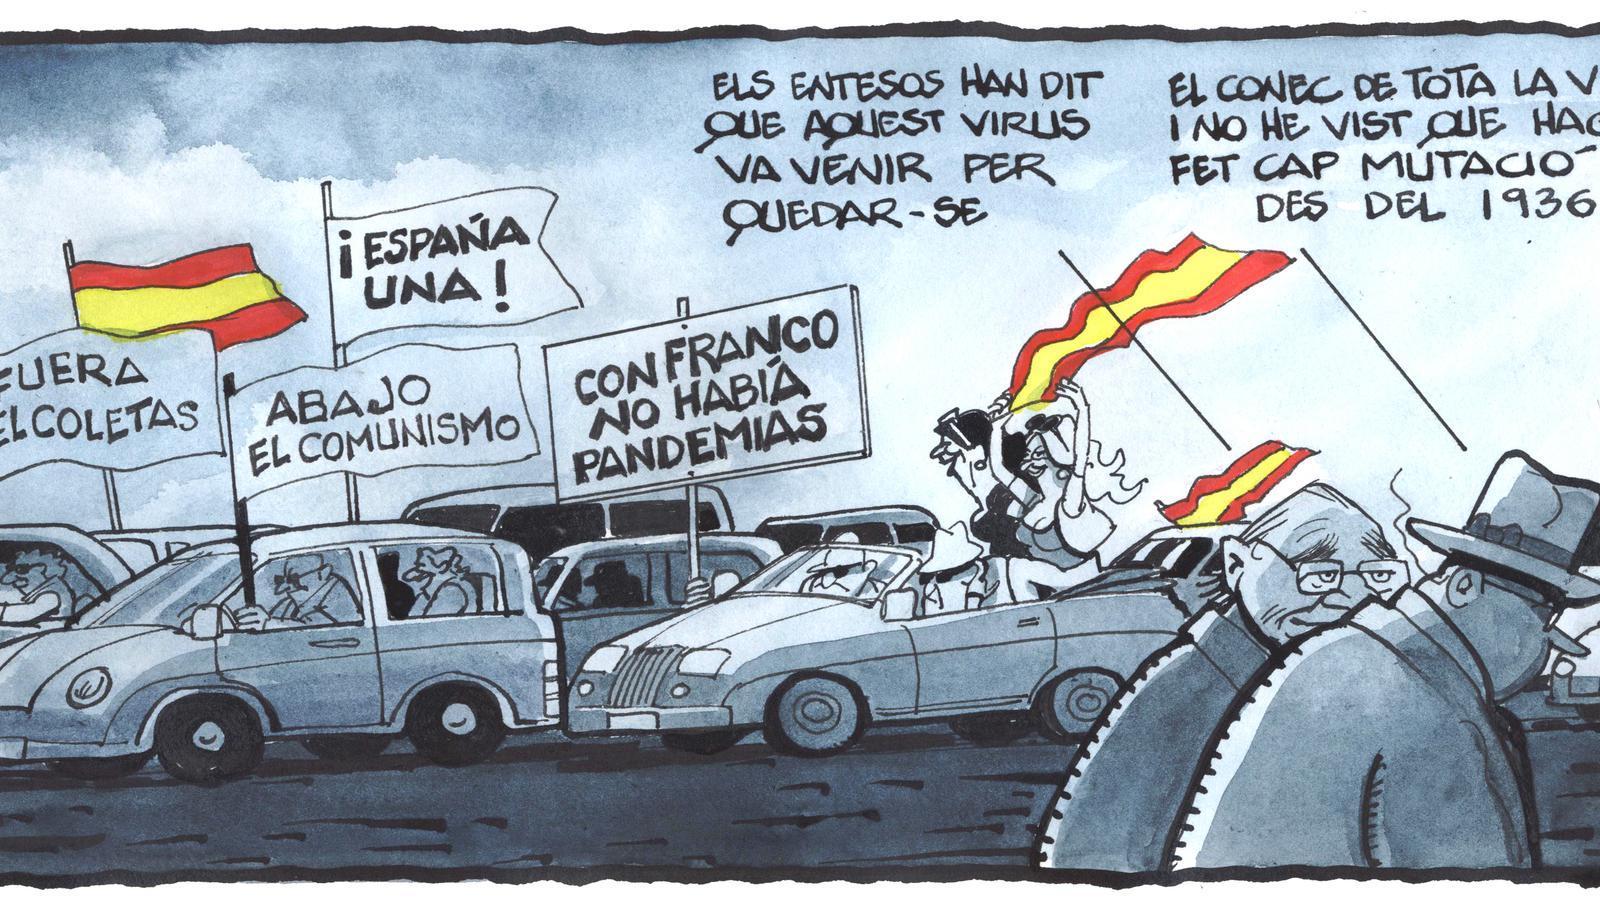 'A la contra', per Ferreres 24/05/2020